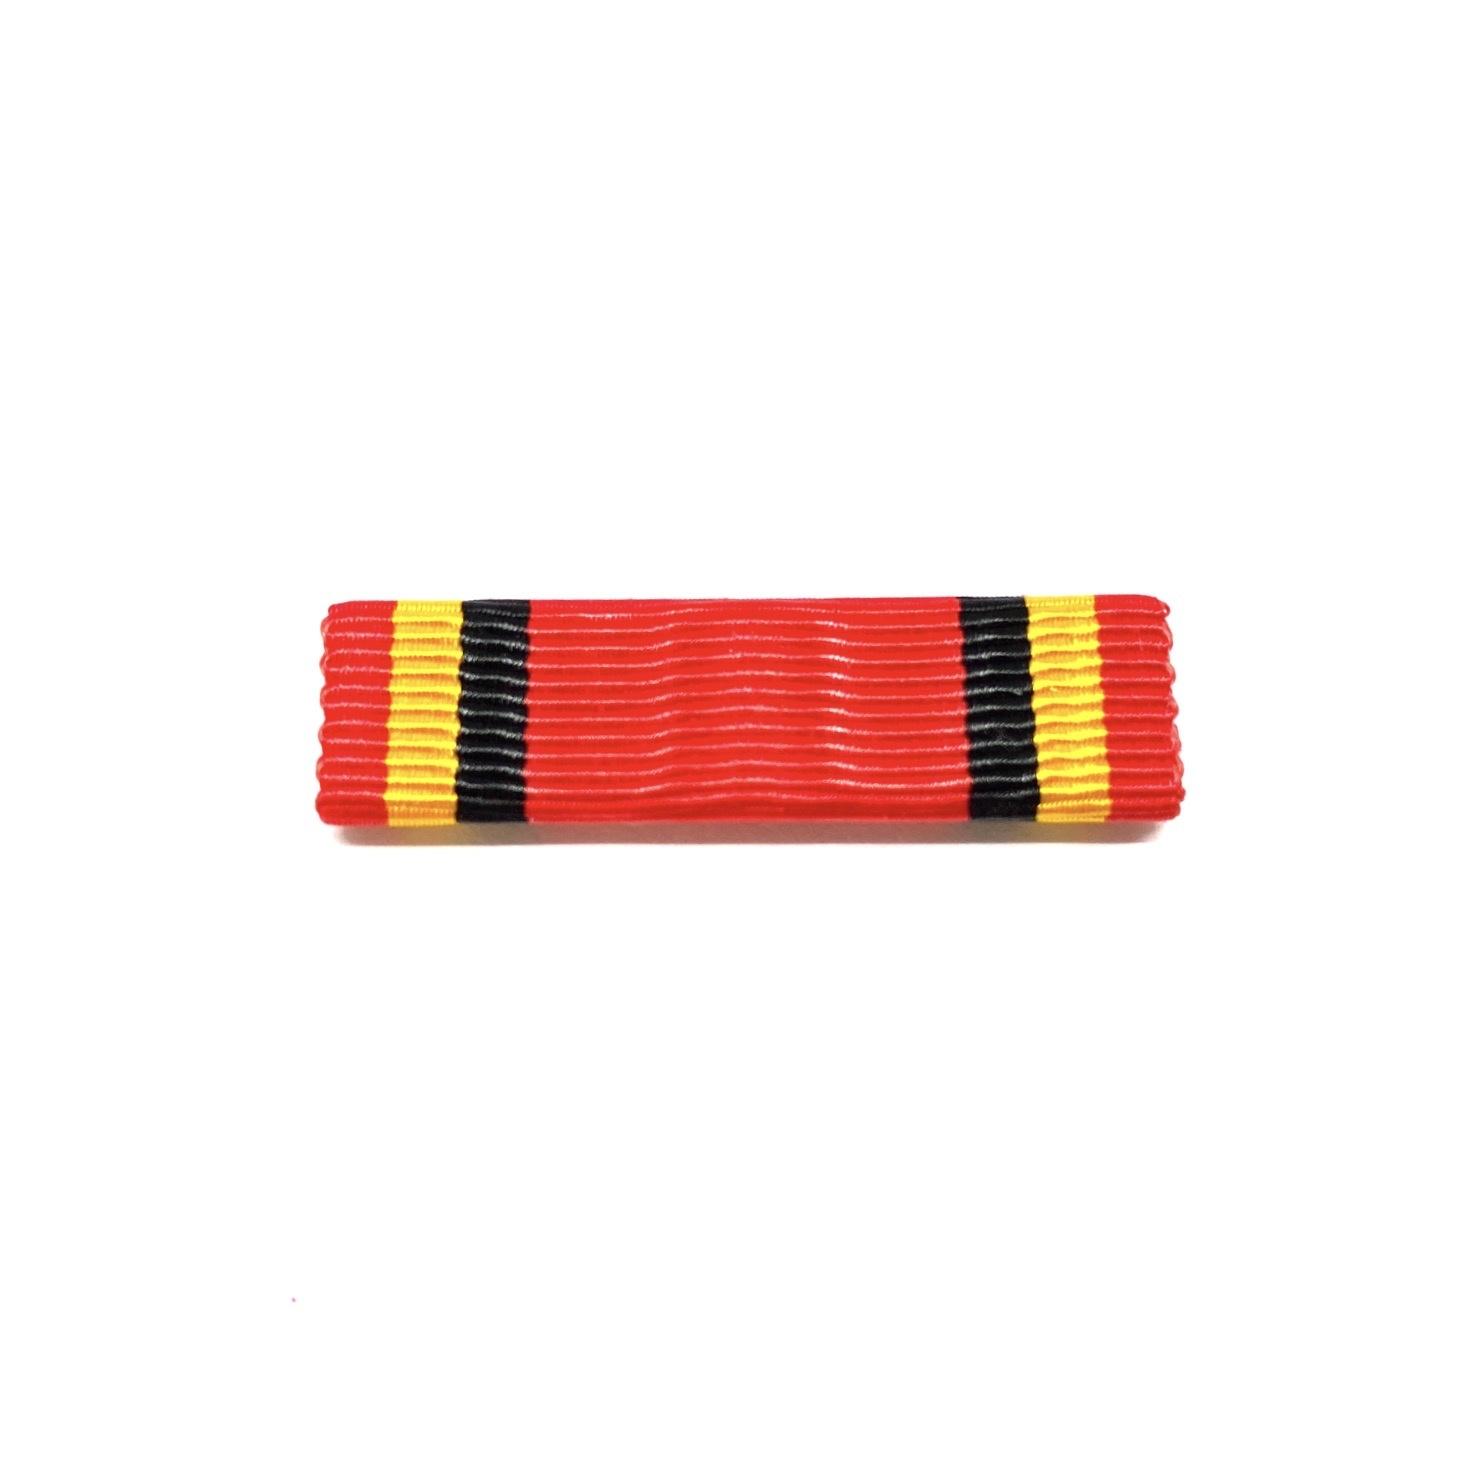 Militaire Medaille Moed en Toewijding 2de klasse